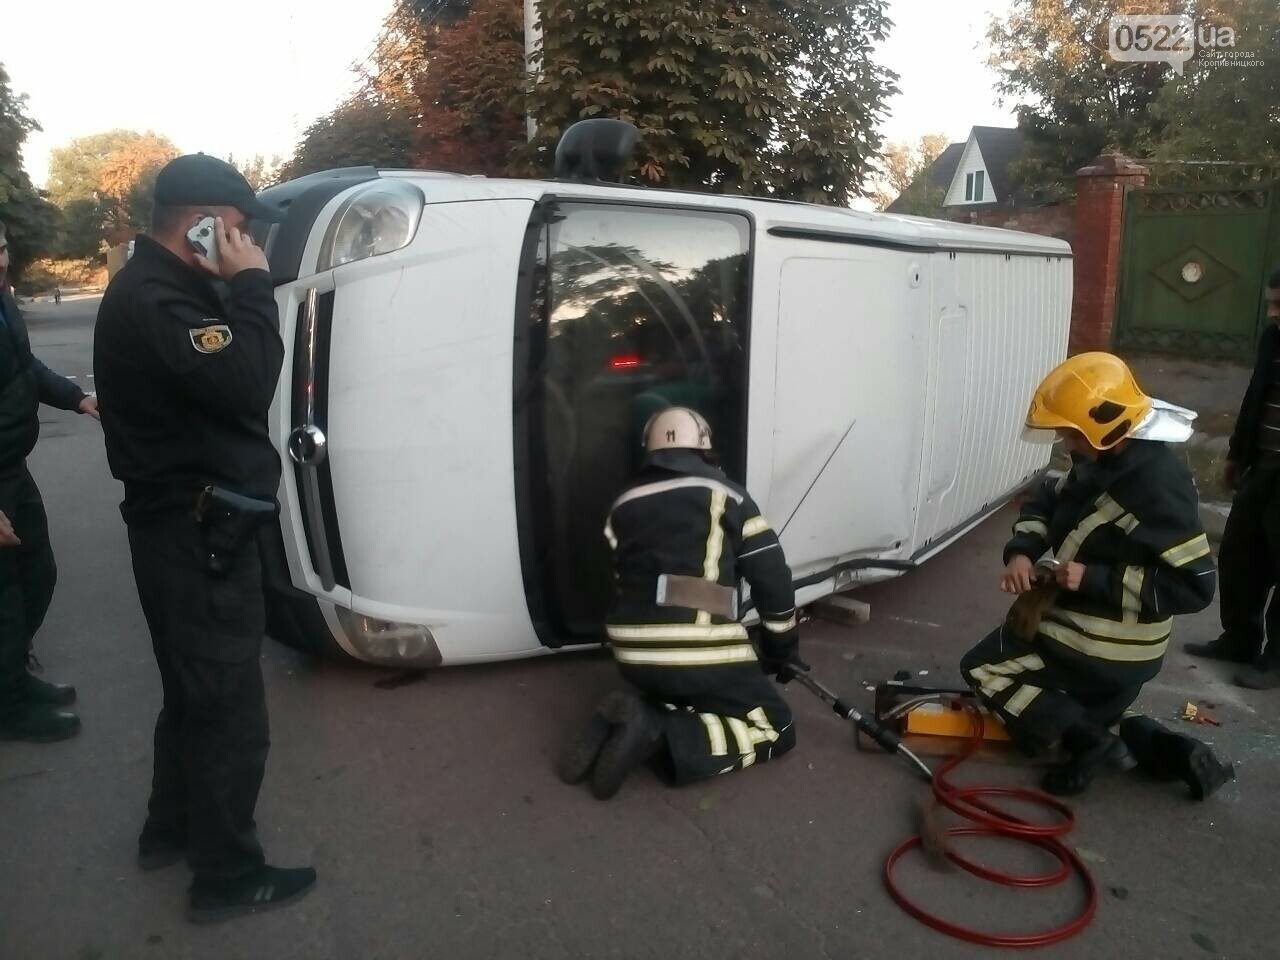 ДТП: В Олександрії рятувальники діставали двох людей із понівеченої автівки, фото-3